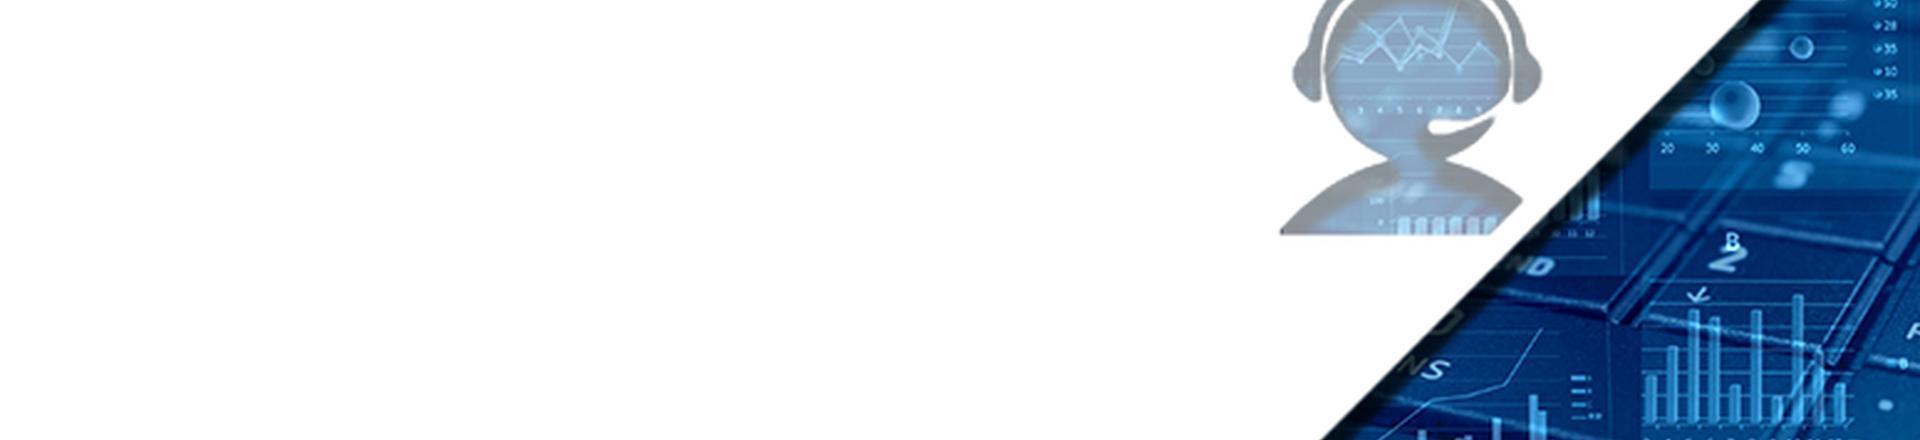 Dashboardy i analiza menedżerska z arkuszem - zmagania menedżera CC